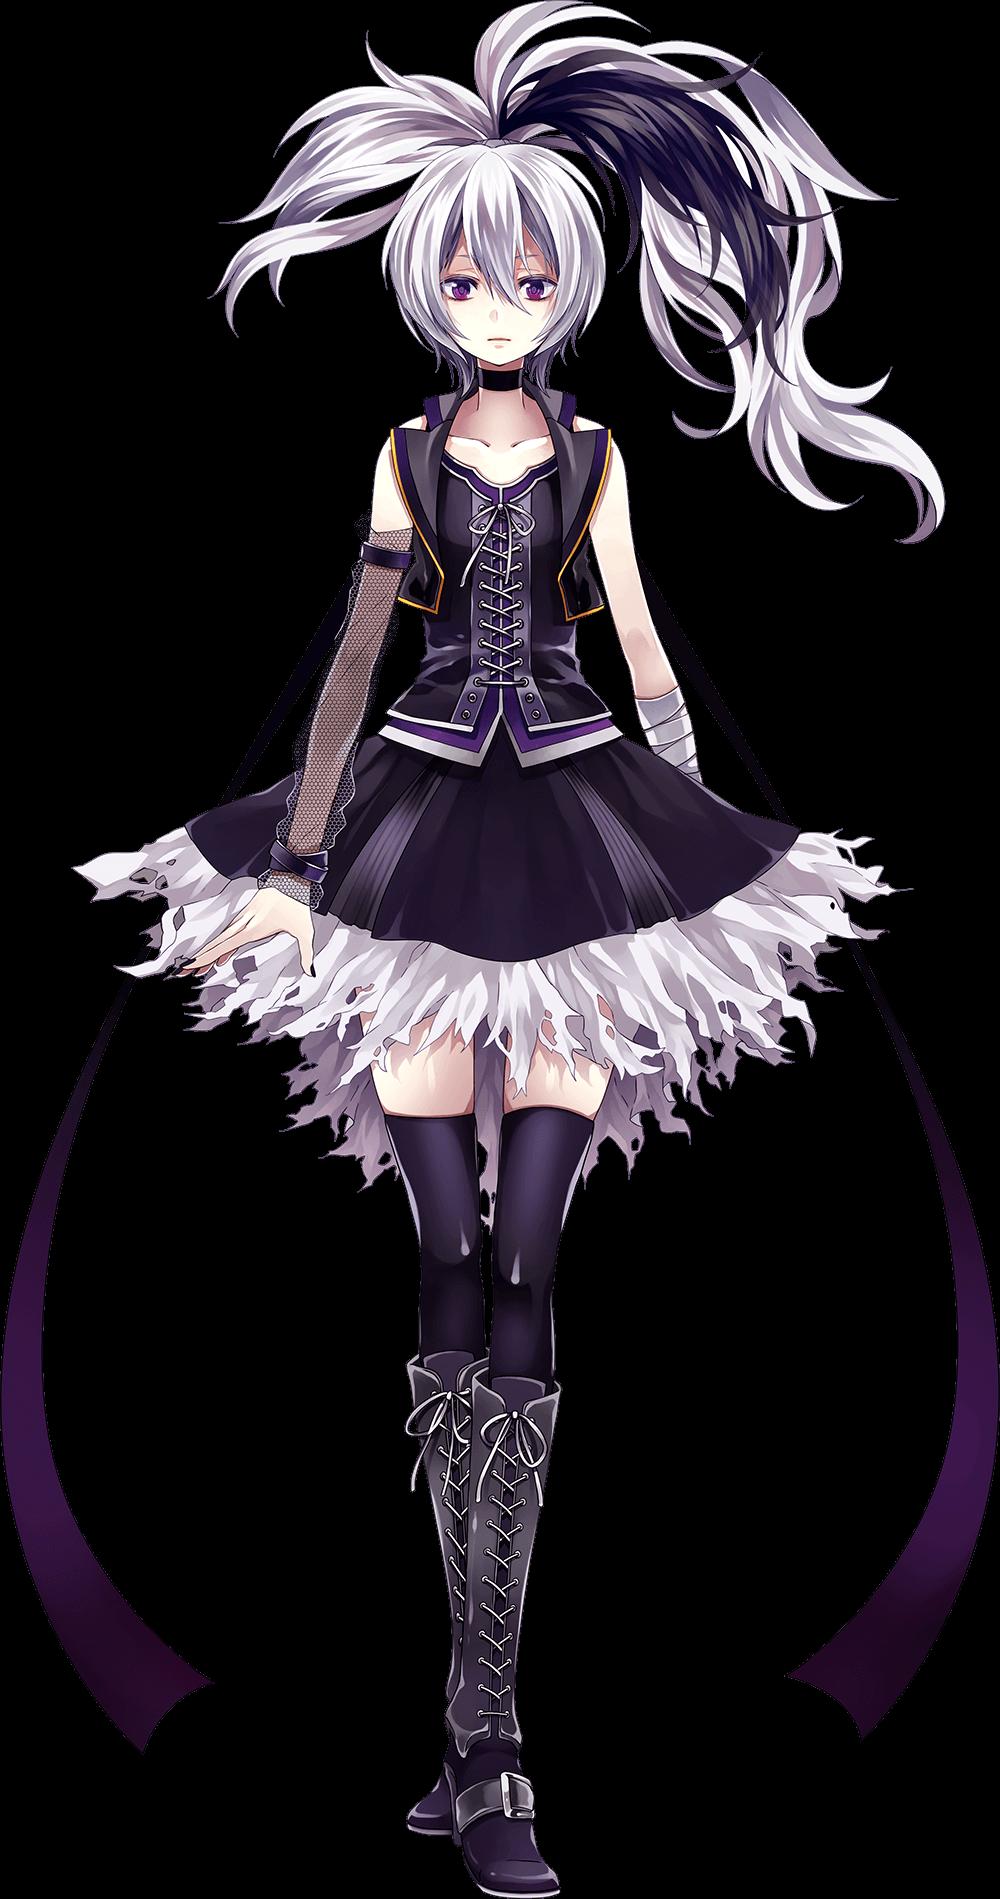 Flower V3 | Anime/Manga/Vocaloid... | Pinterest | Flower